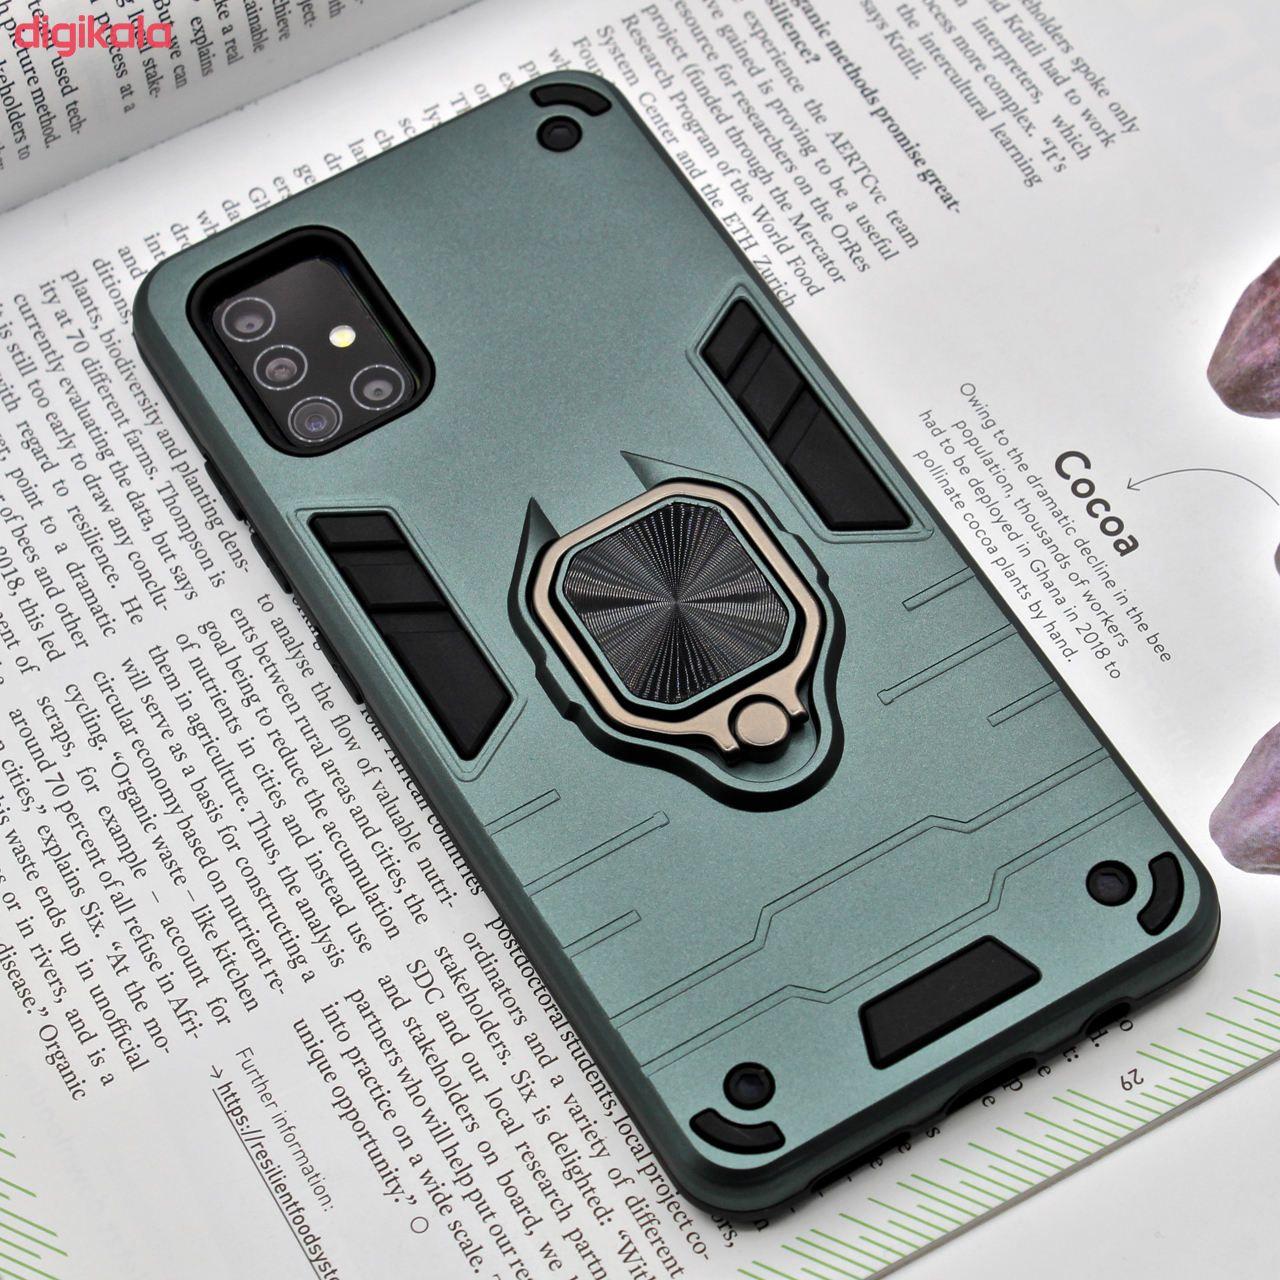 کاور کینگ پاور مدل ASH22 مناسب برای گوشی موبایل سامسونگ Galaxy A31 main 1 5